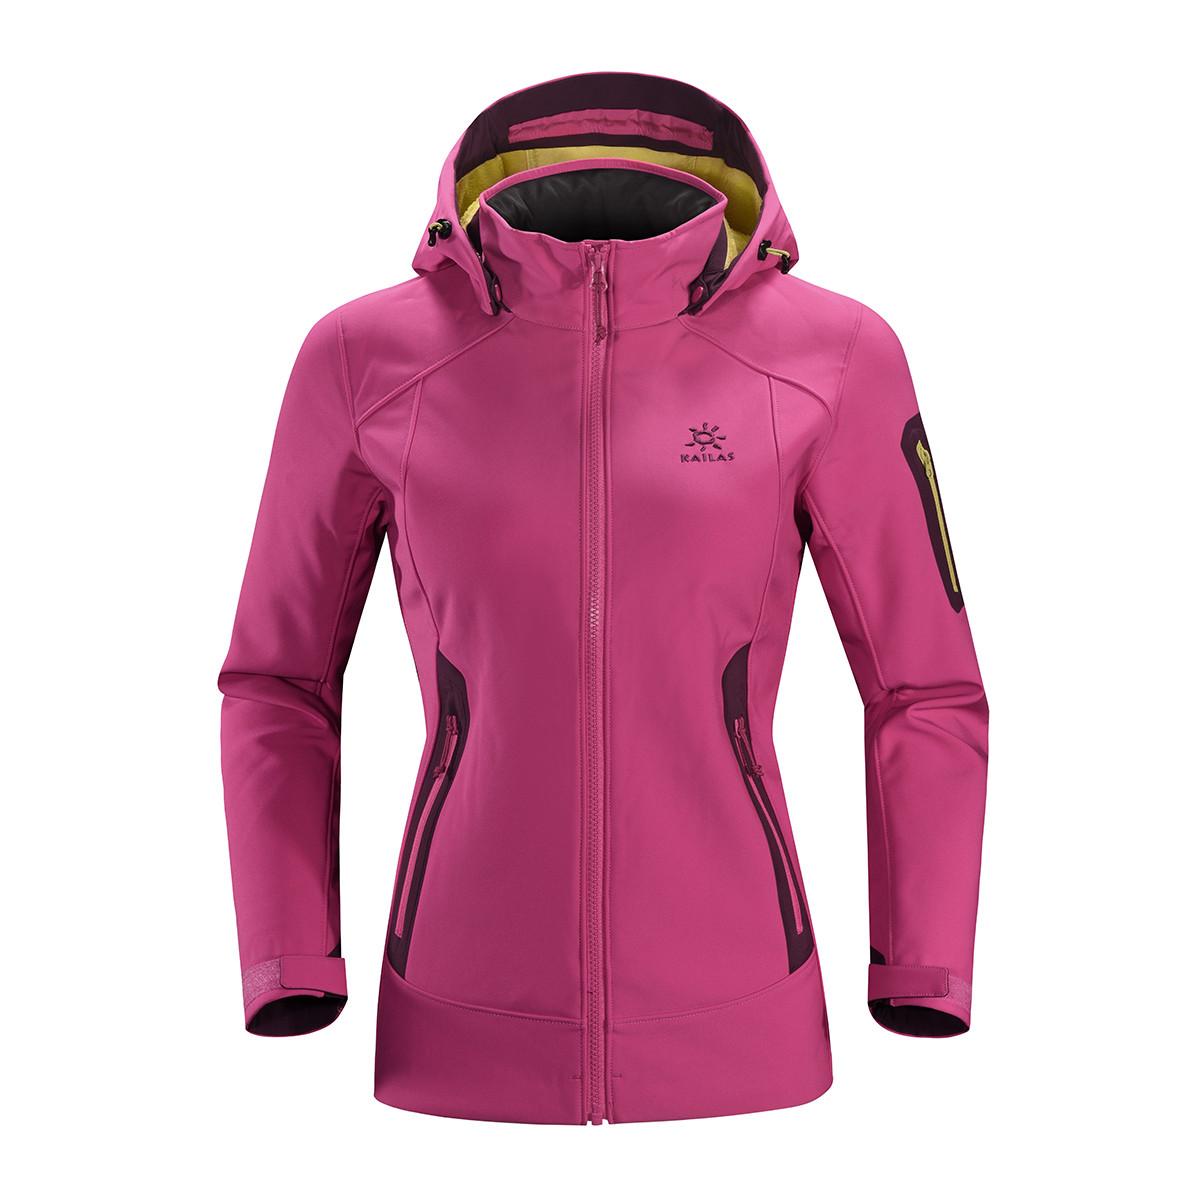 凯乐石秋冬潮流女款弹力运动户外徒步保暖风雪外套KG22022212037